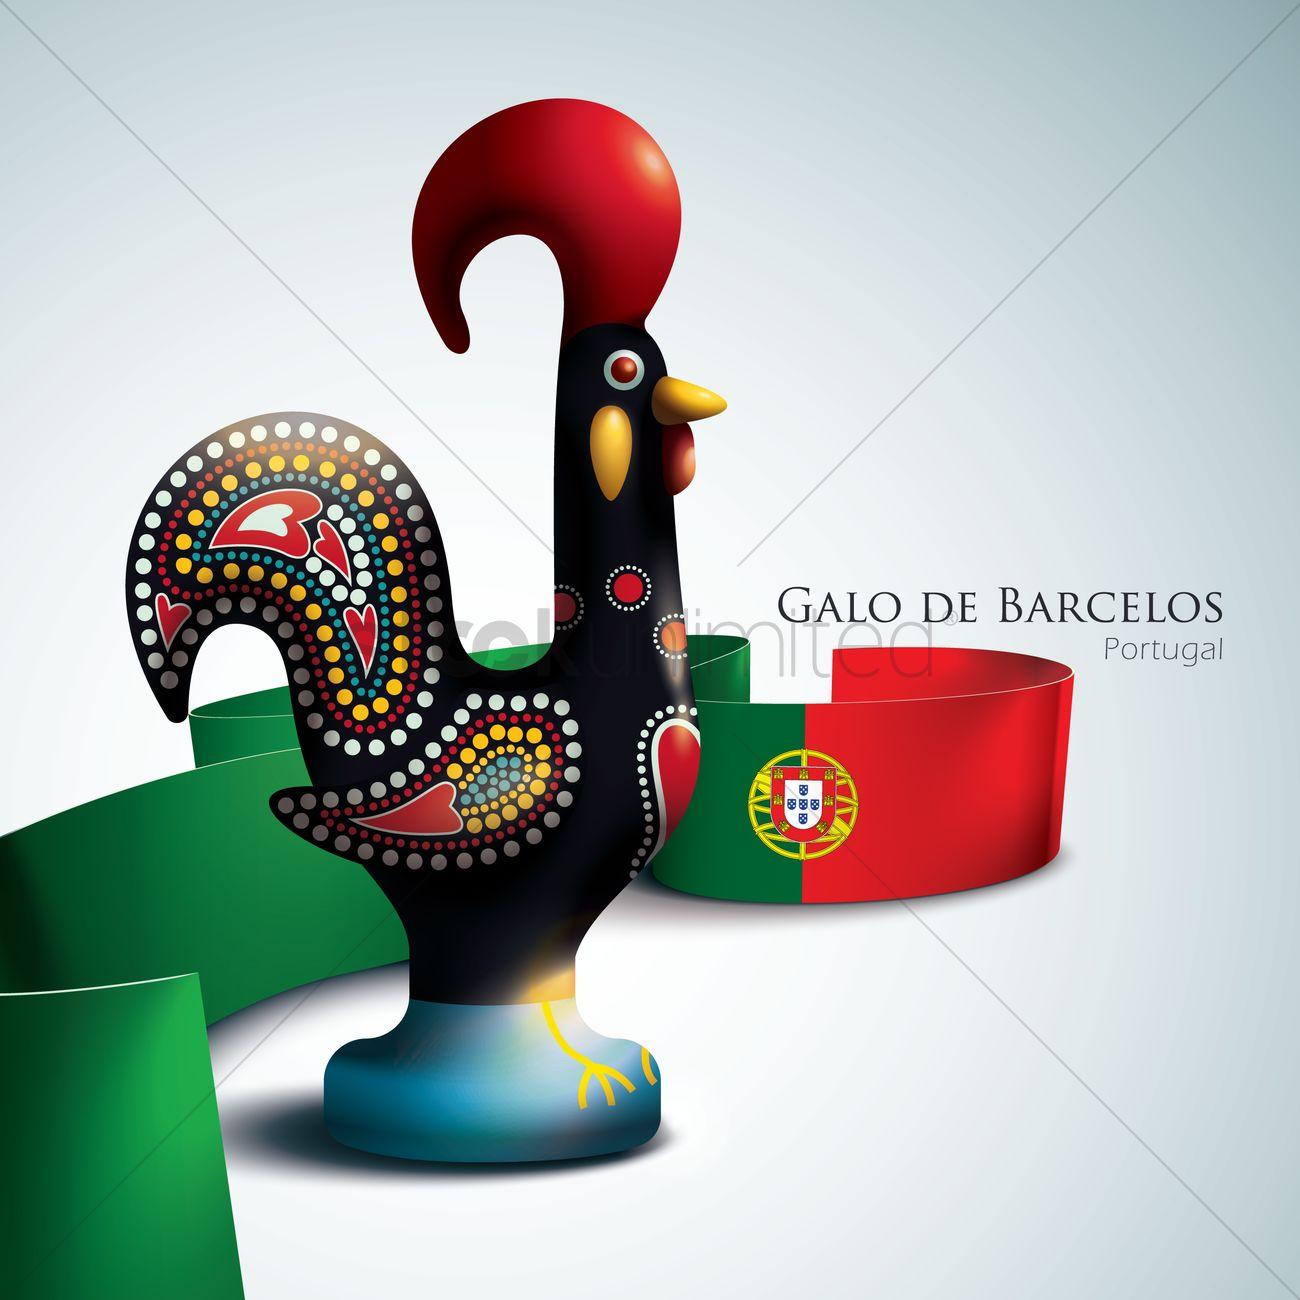 Galo De Barcelos Vector Image 1577542 Stockunlimited